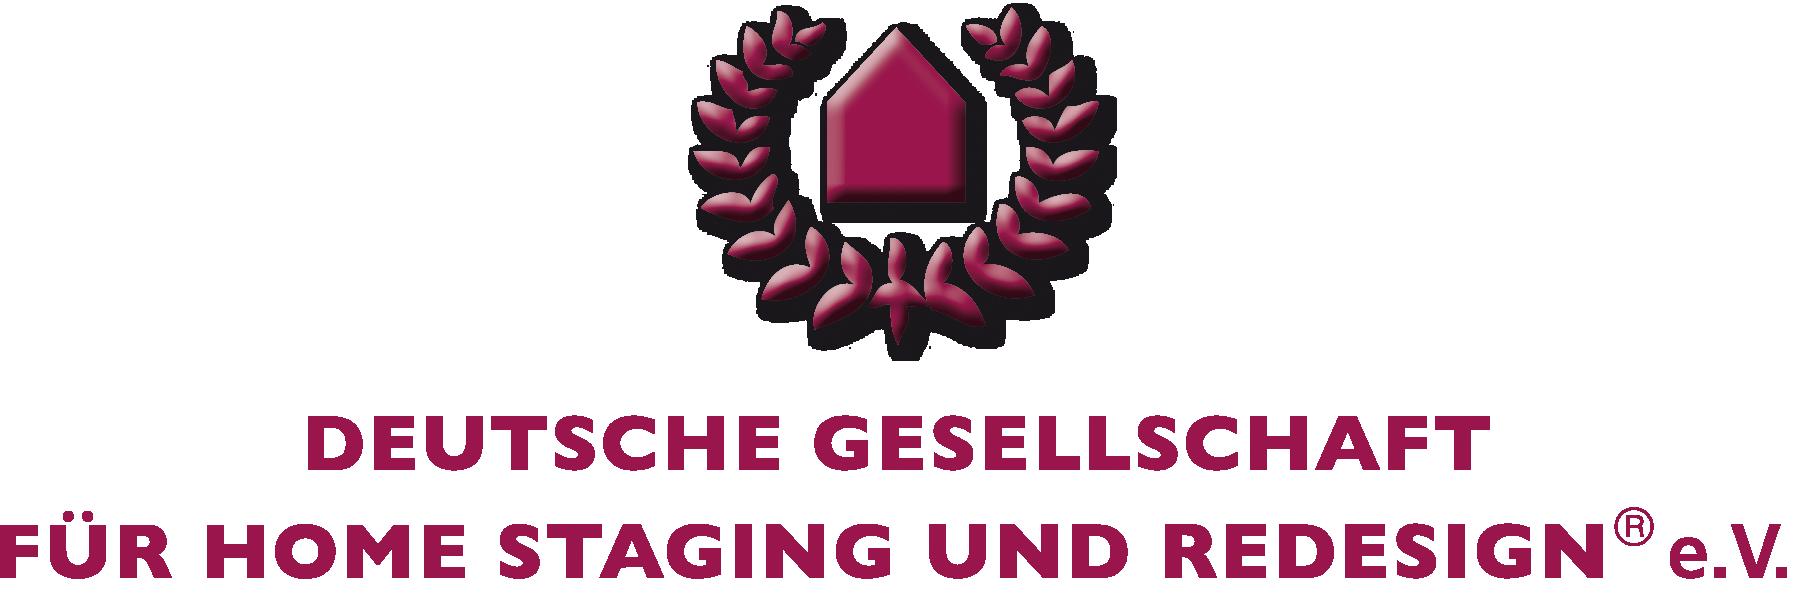 Deutsche Gesellschaft für Home Staging und Redesign e.V.